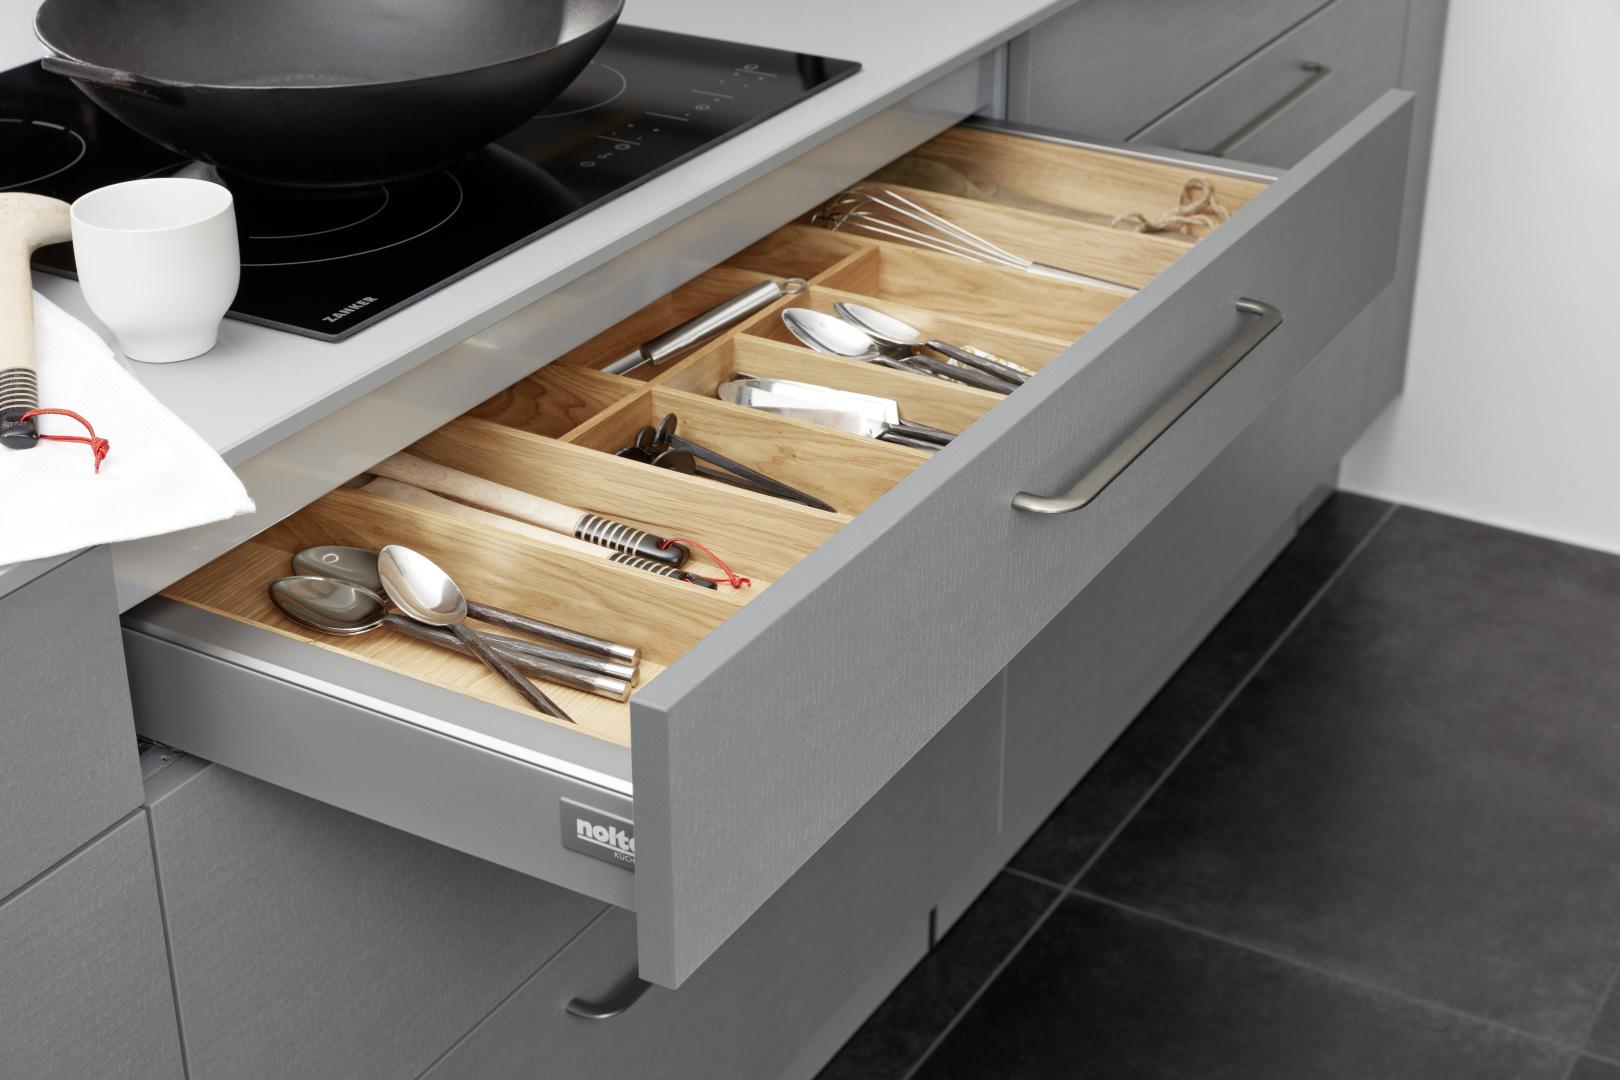 Szara kuchnia Vida Nolte Kuchen - szuflada